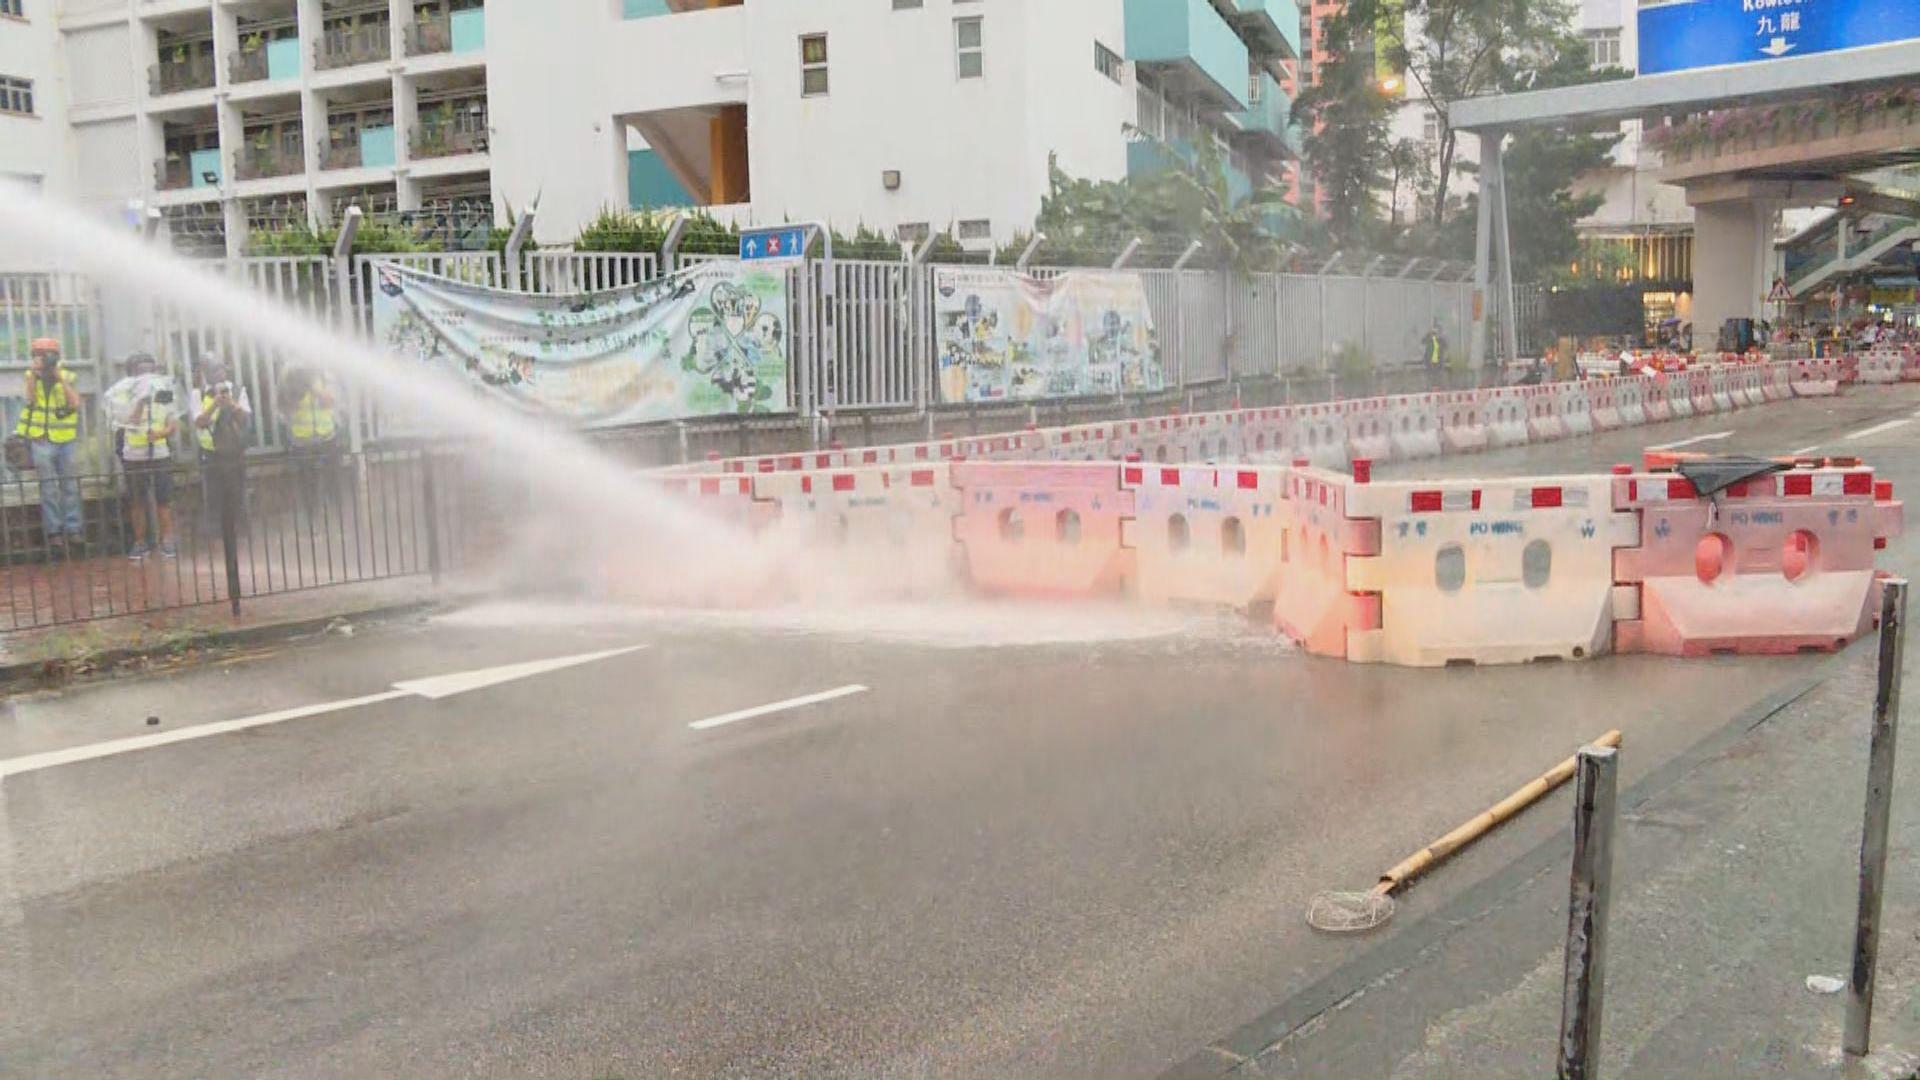 警方首次使用水炮車移除路障